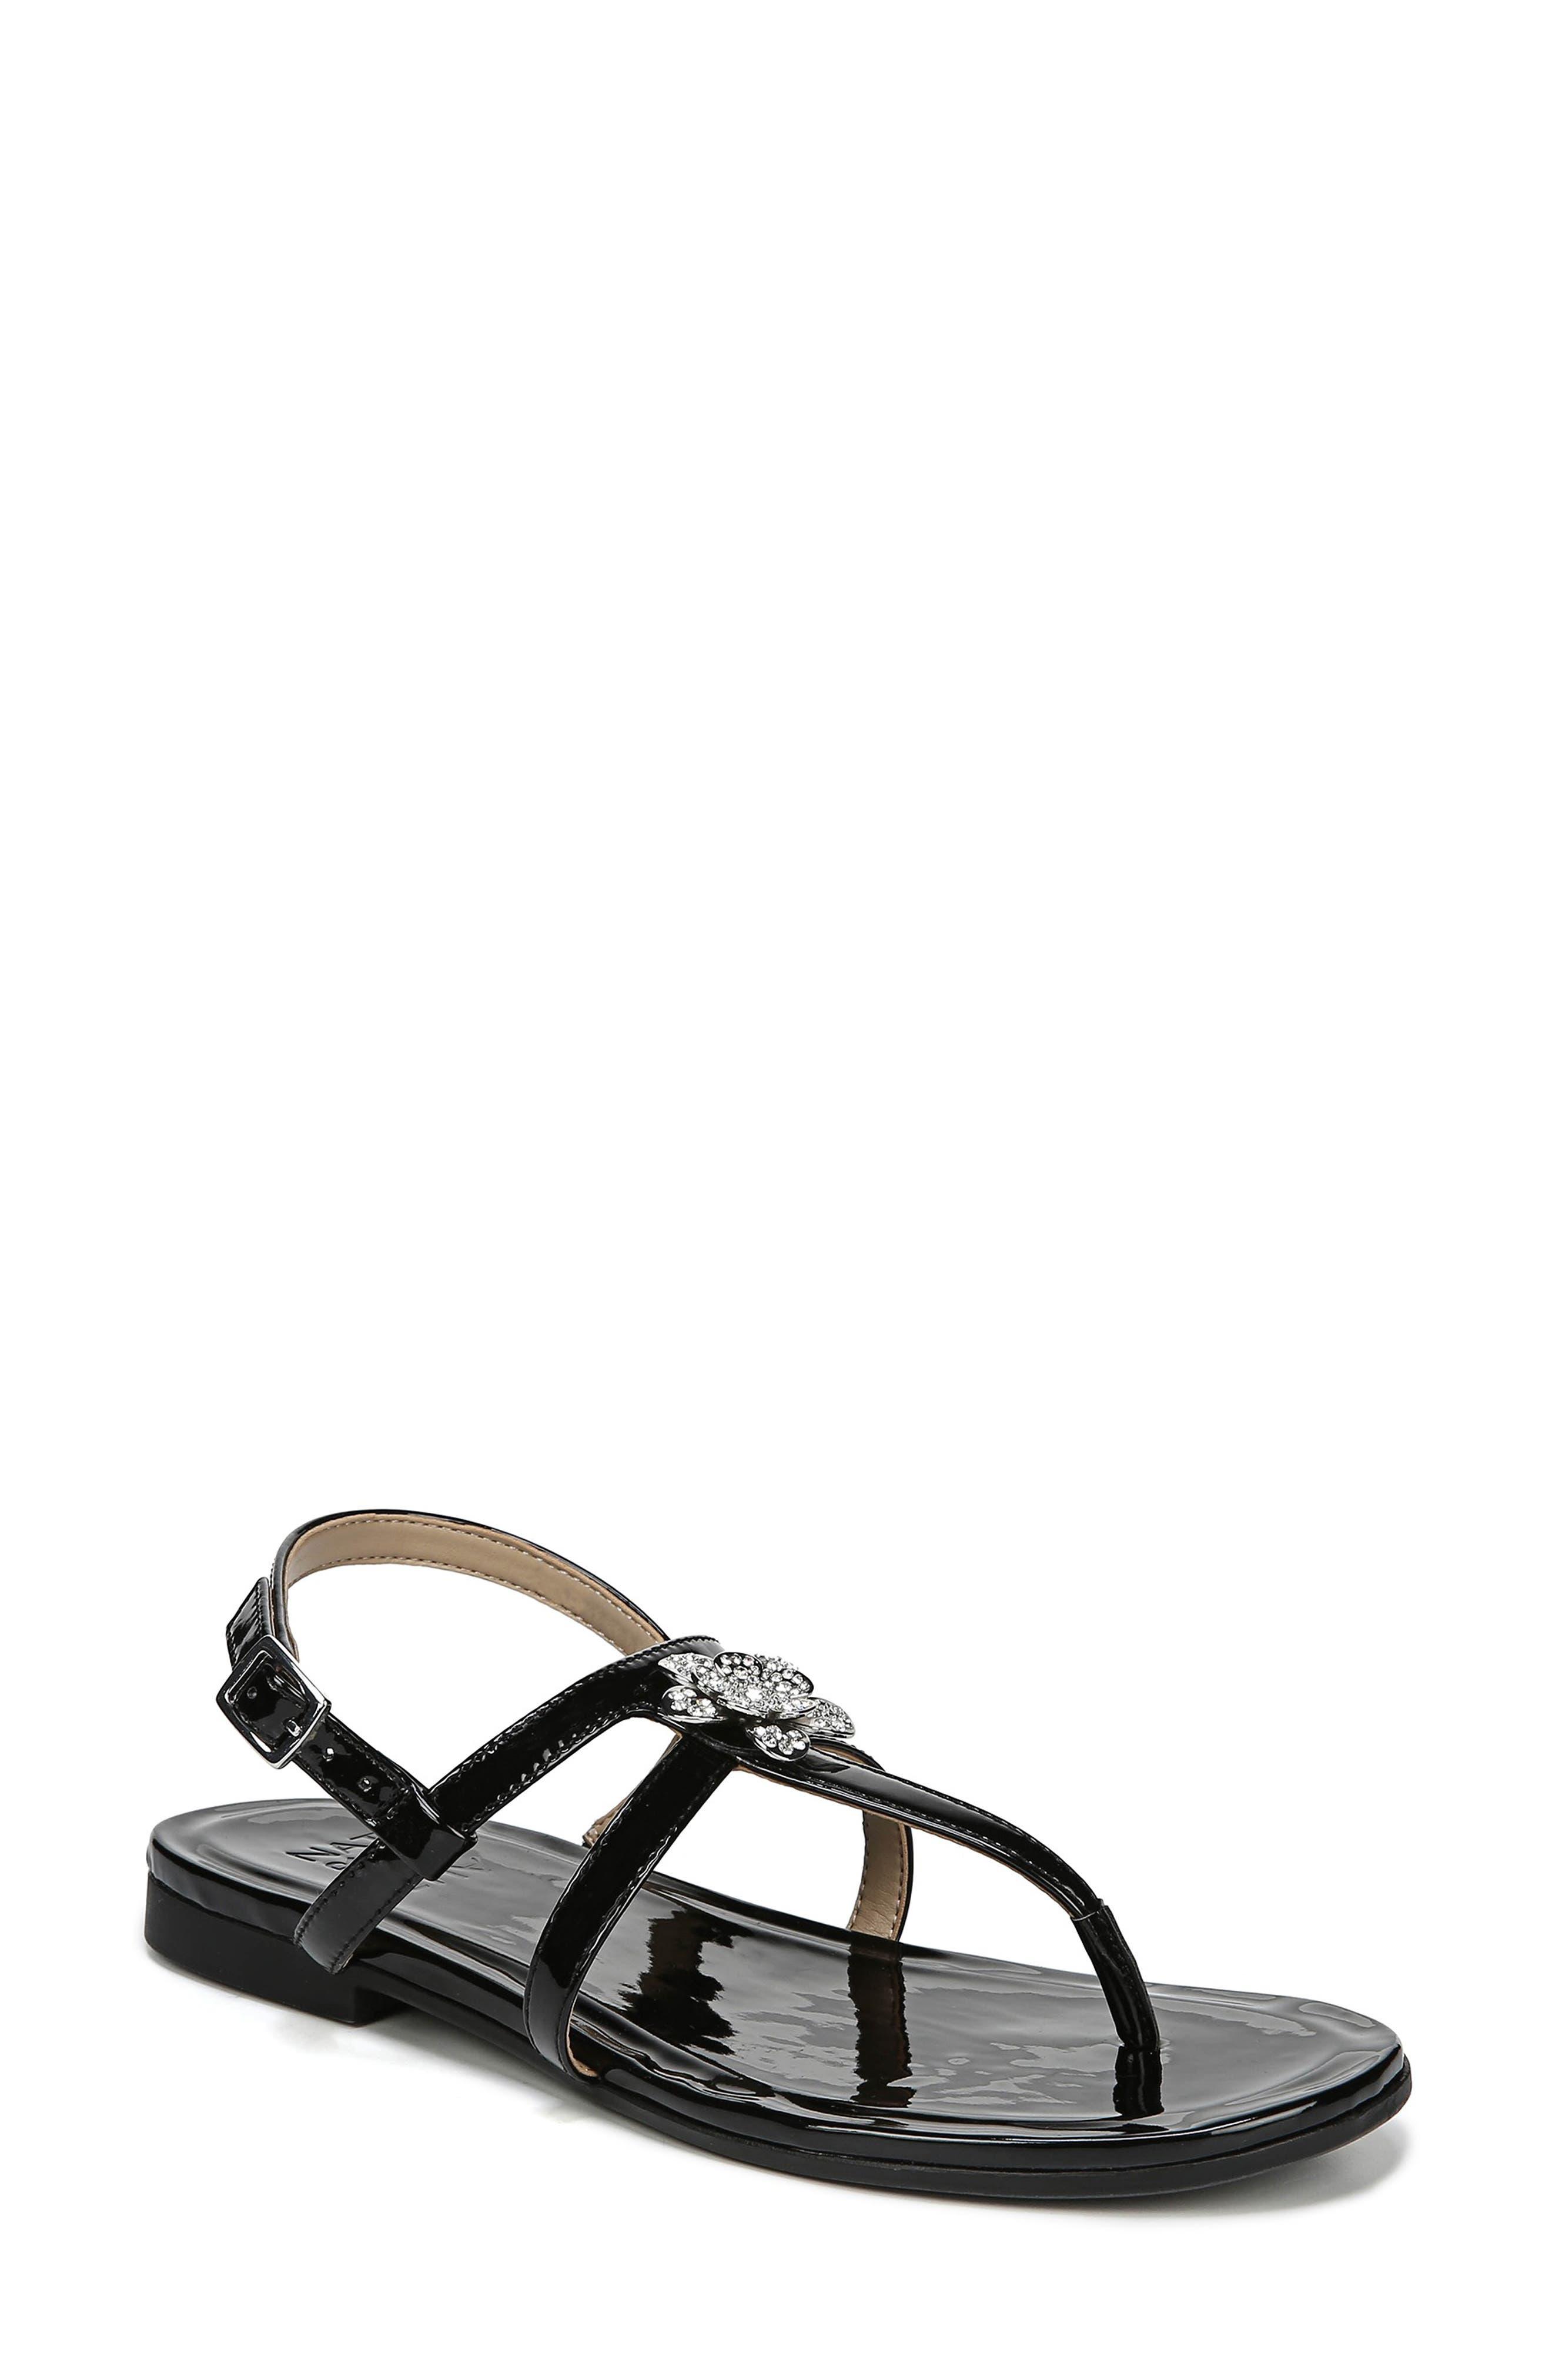 Tilly Embellished Sandal, Main, color, BLACK PATENT FAUX LEATHER